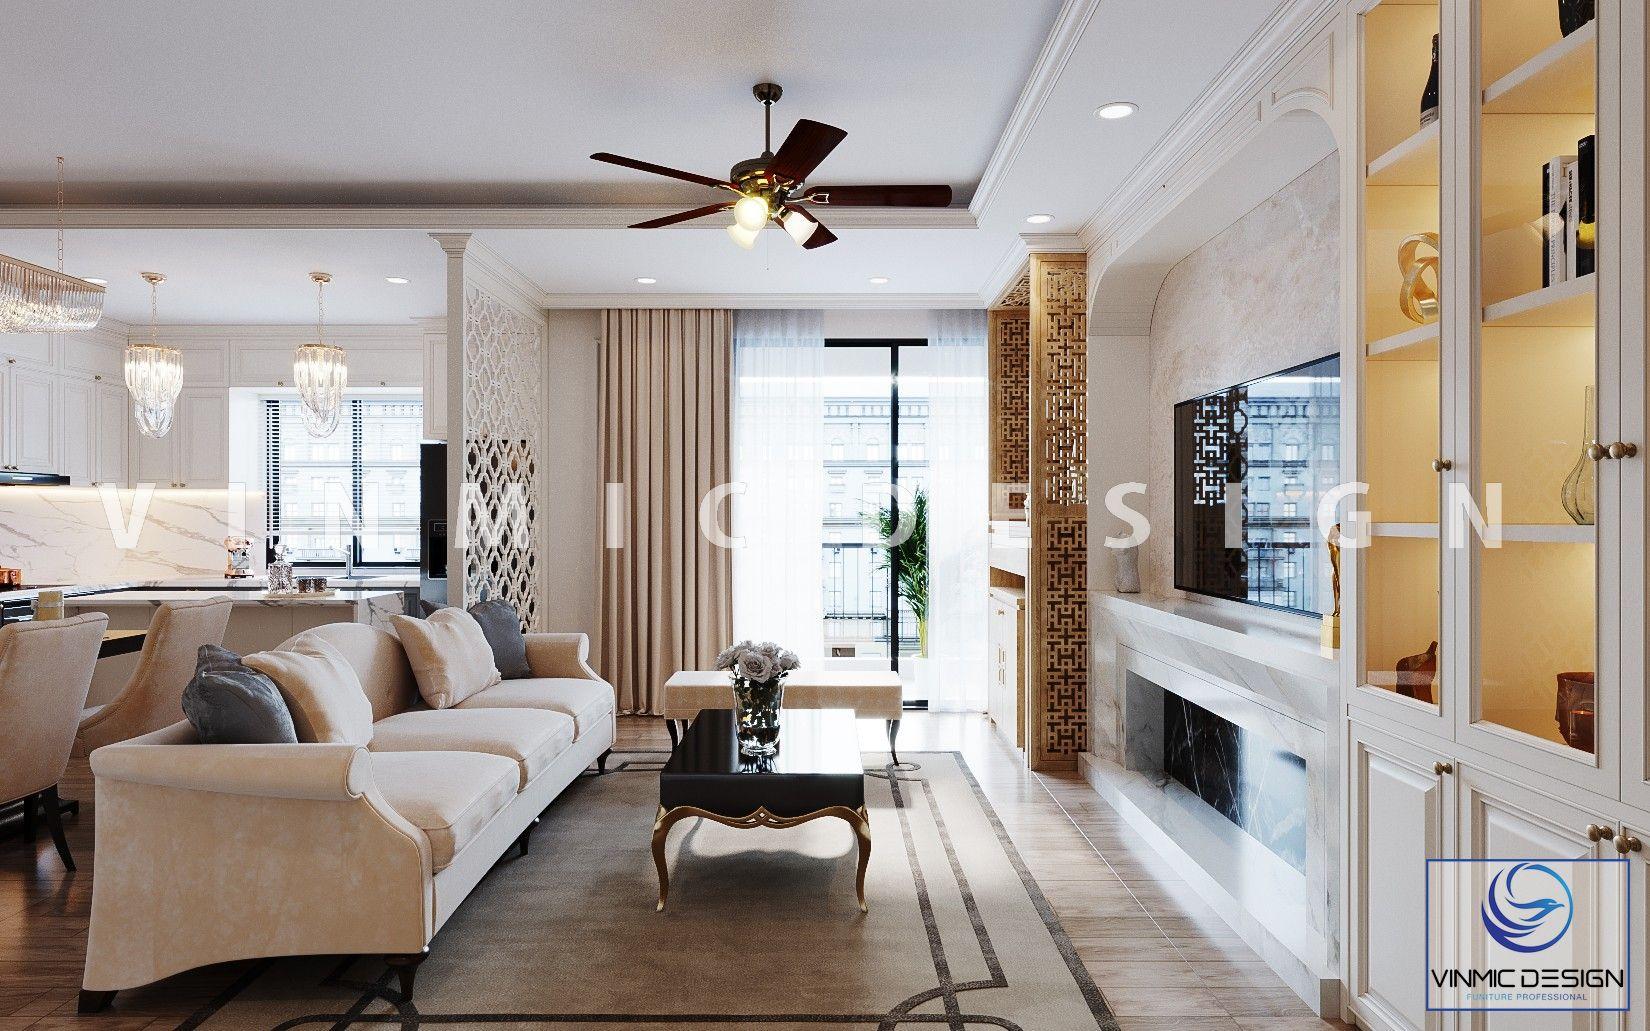 Thiết kế nội thất phòng khách sang trọng mang phong cách tân cổ điển đẹp tại chung cư Imperia Sky Garden